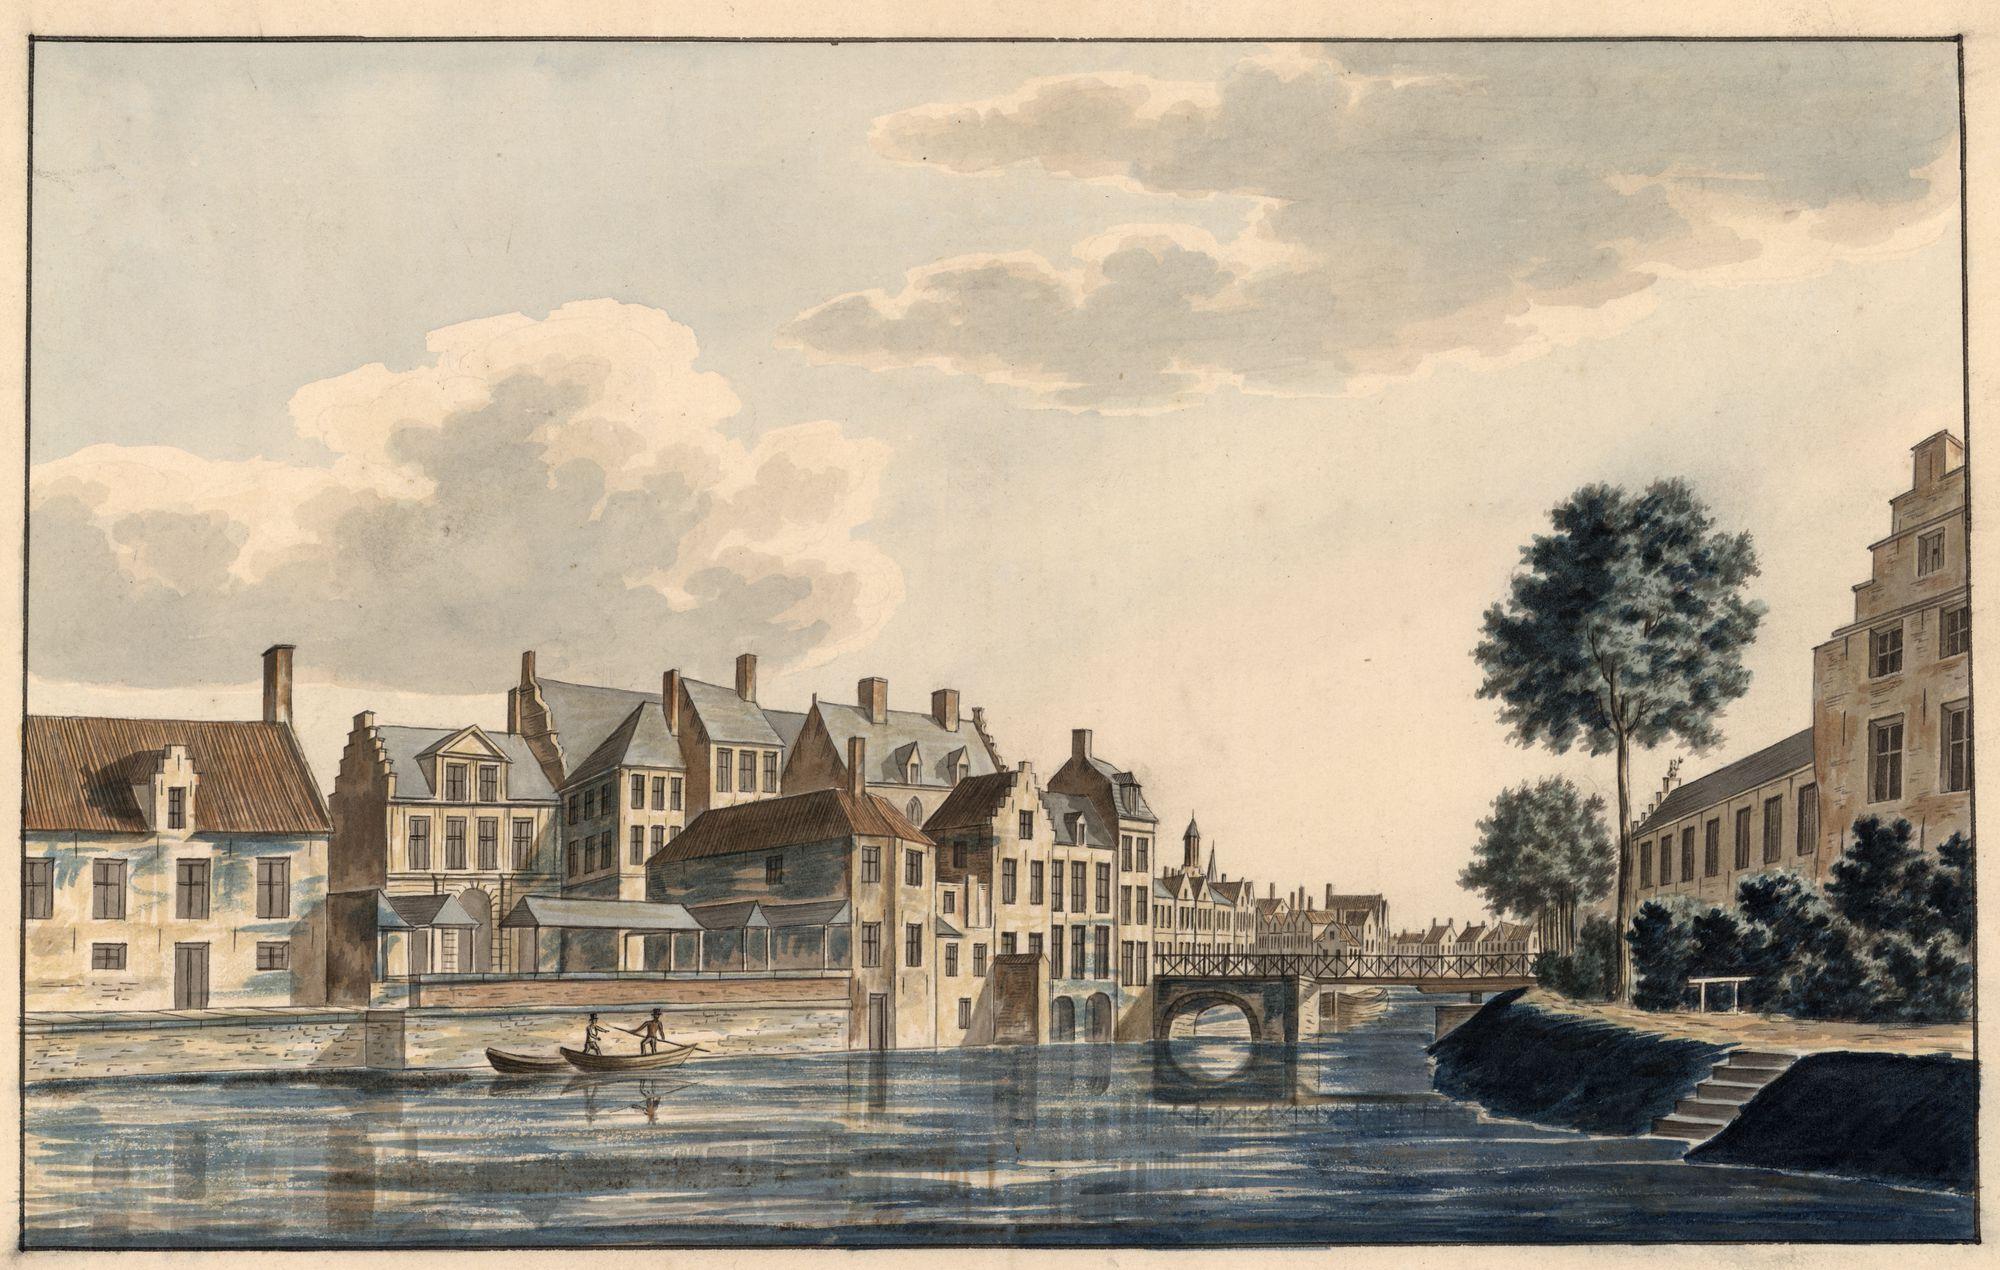 Gent: Leie, Vismijn (Vismarkt), Vleeshuisbrug en Vleeshuistragel, gezien van op de Grasbrug